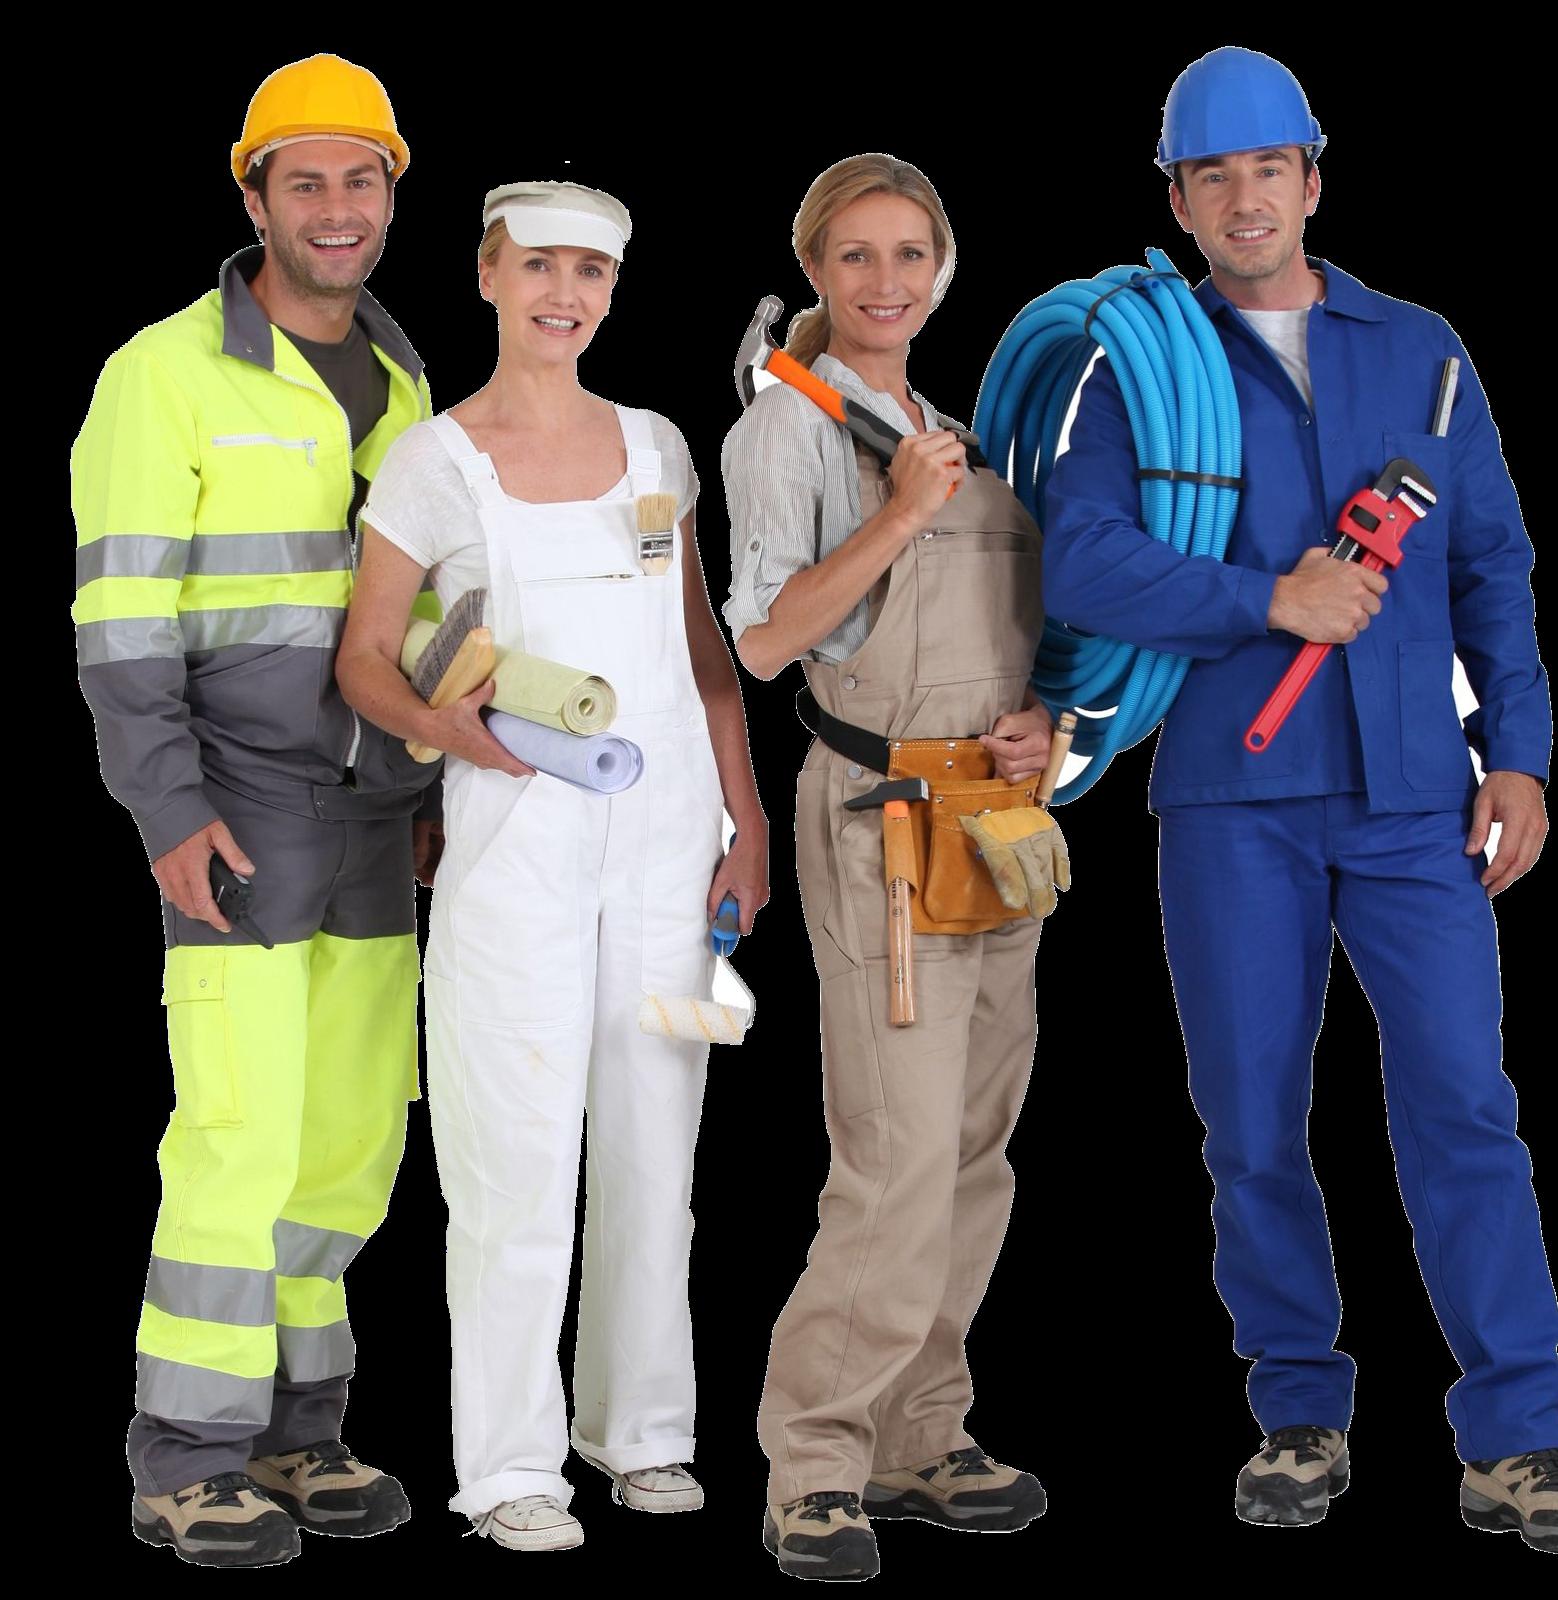 Одежда для рабочих на стройку